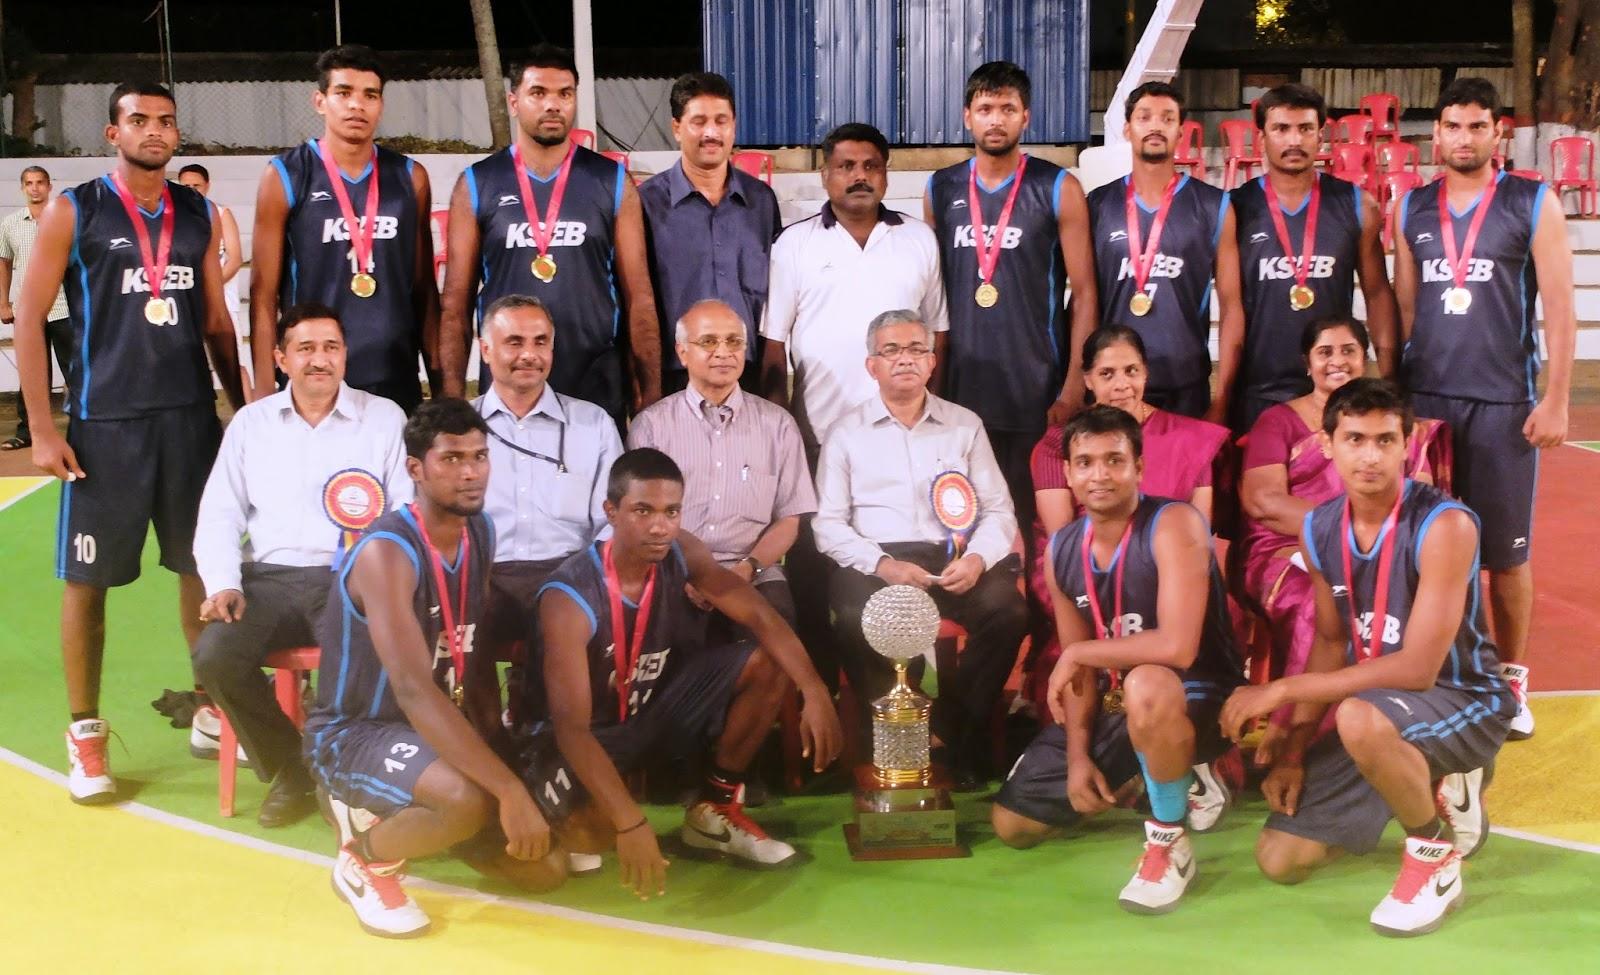 Hoopistani: KSEB win 2014 Electricity Board Men's ...